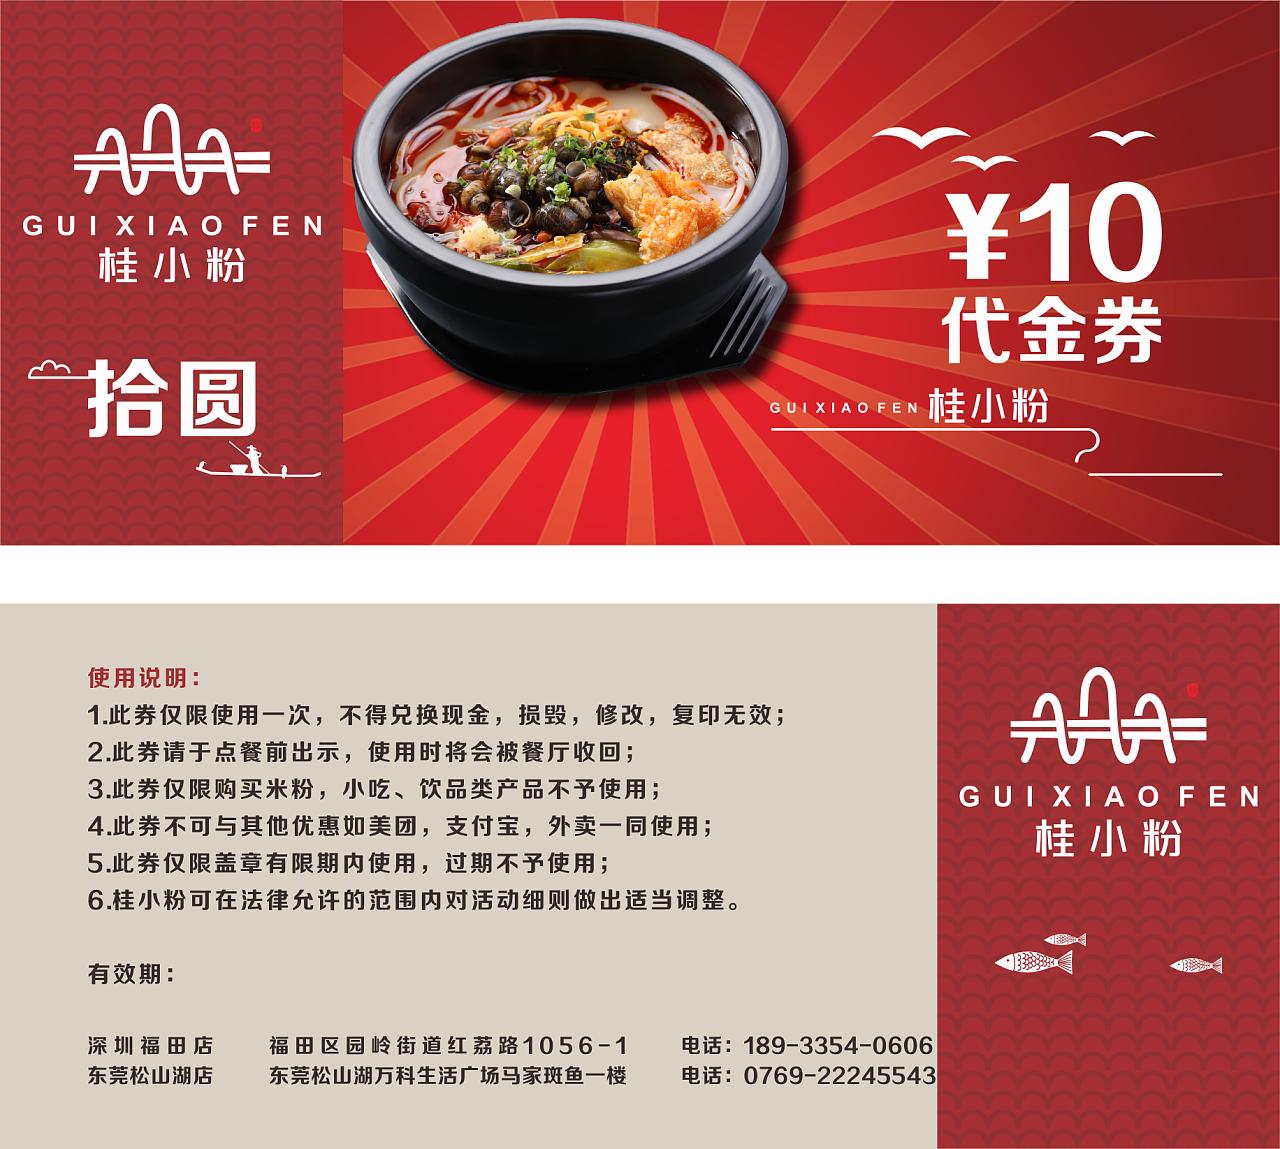 餐饮业辞职申��.i_餐饮业代金券